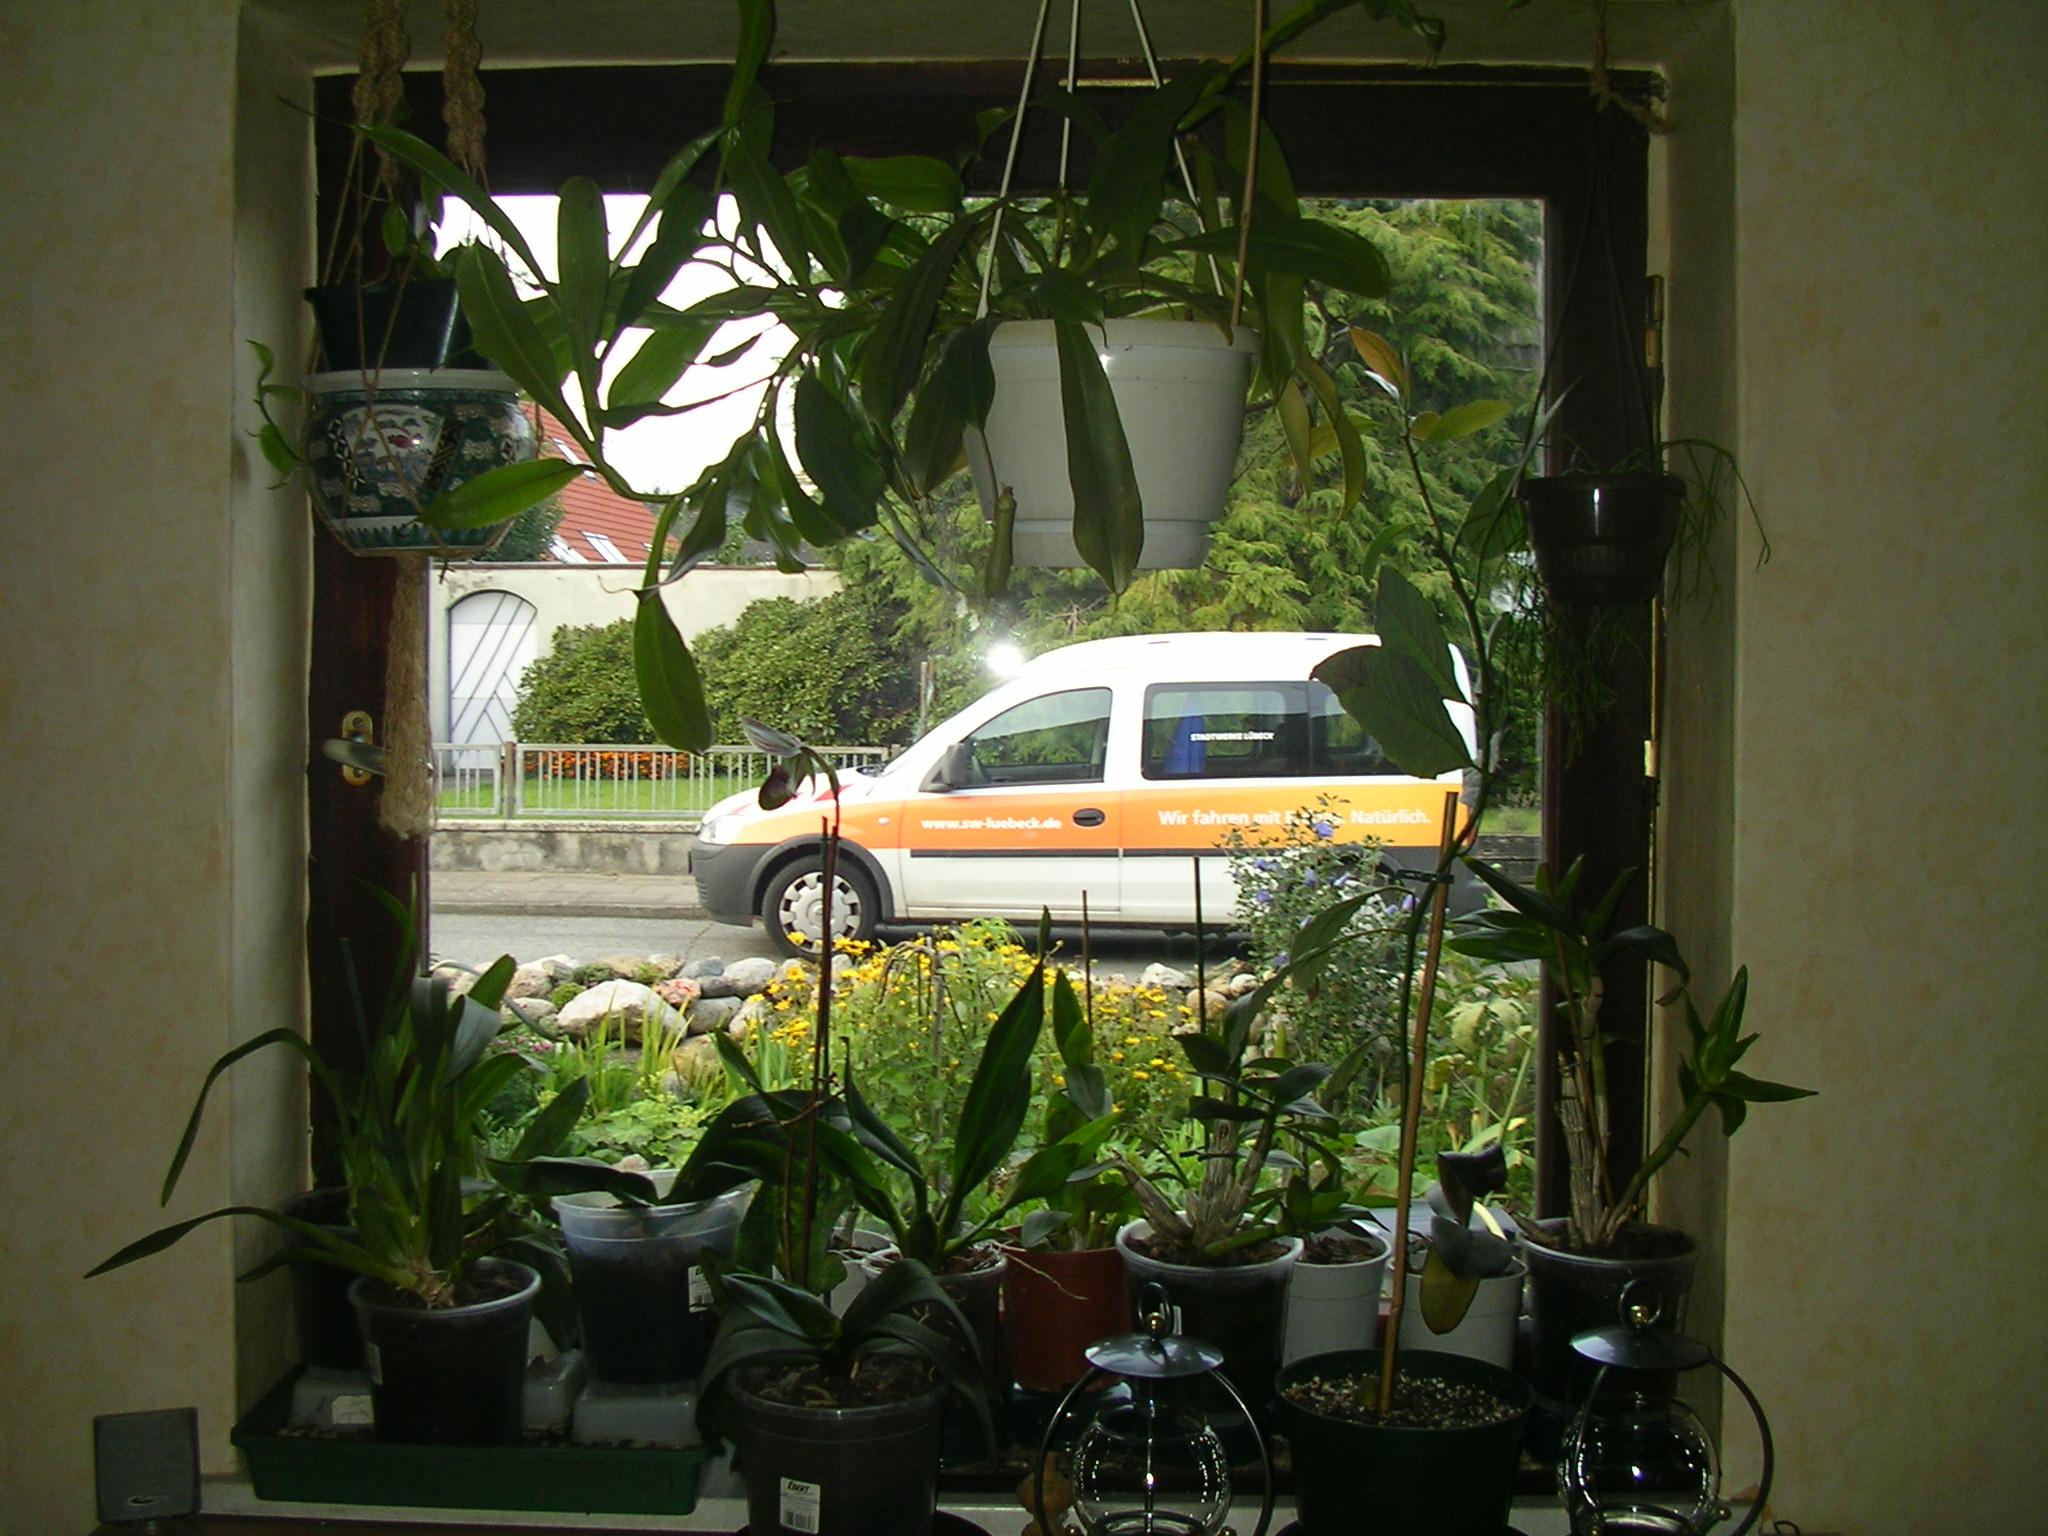 Baumsuche   pflanzenbestimmung & pflanzensuche   green24 hilfe ...